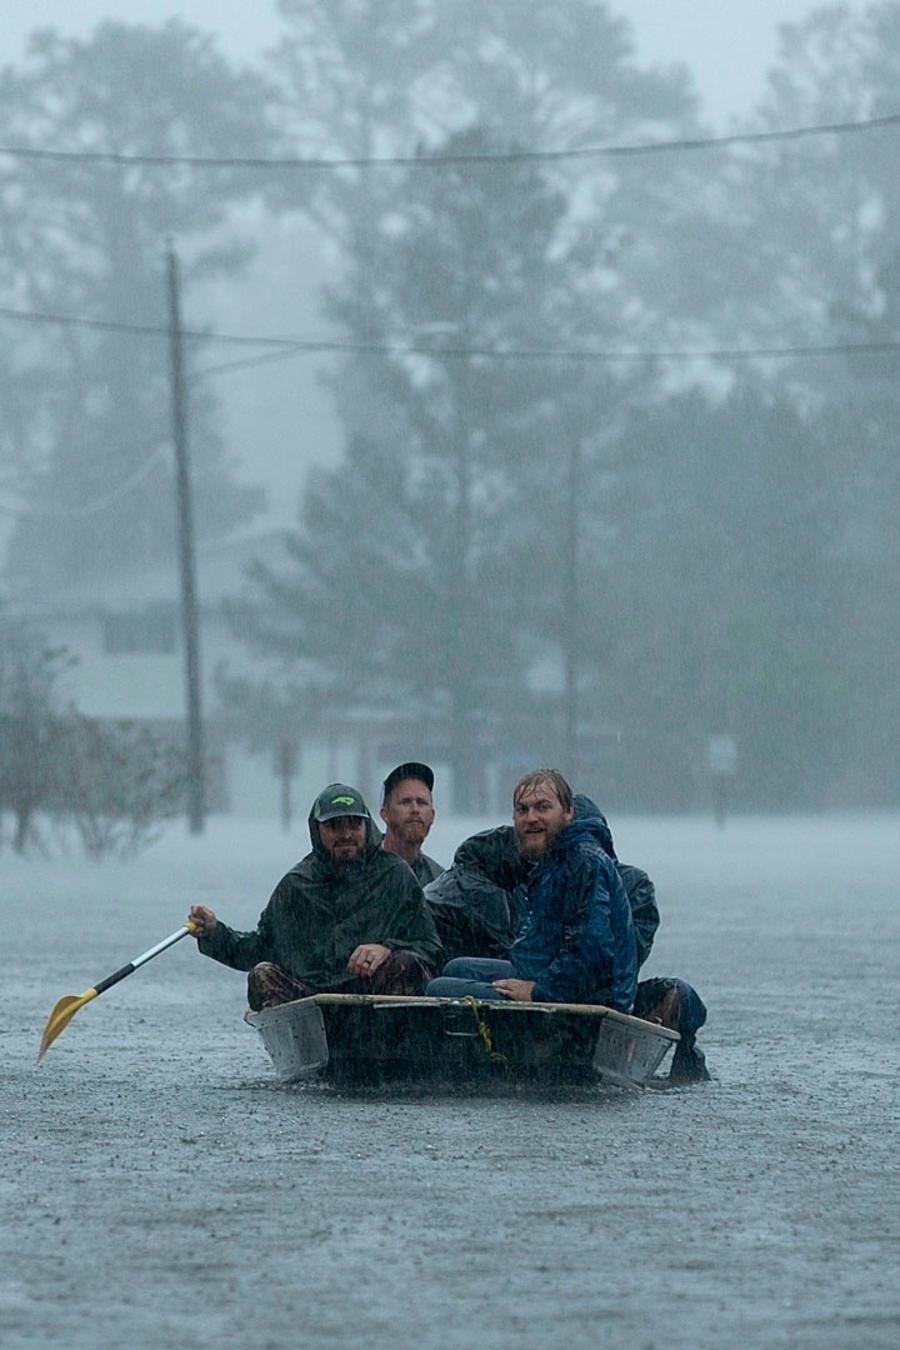 Voluntarios haciendo tareas de rescate en Carolina del Norte